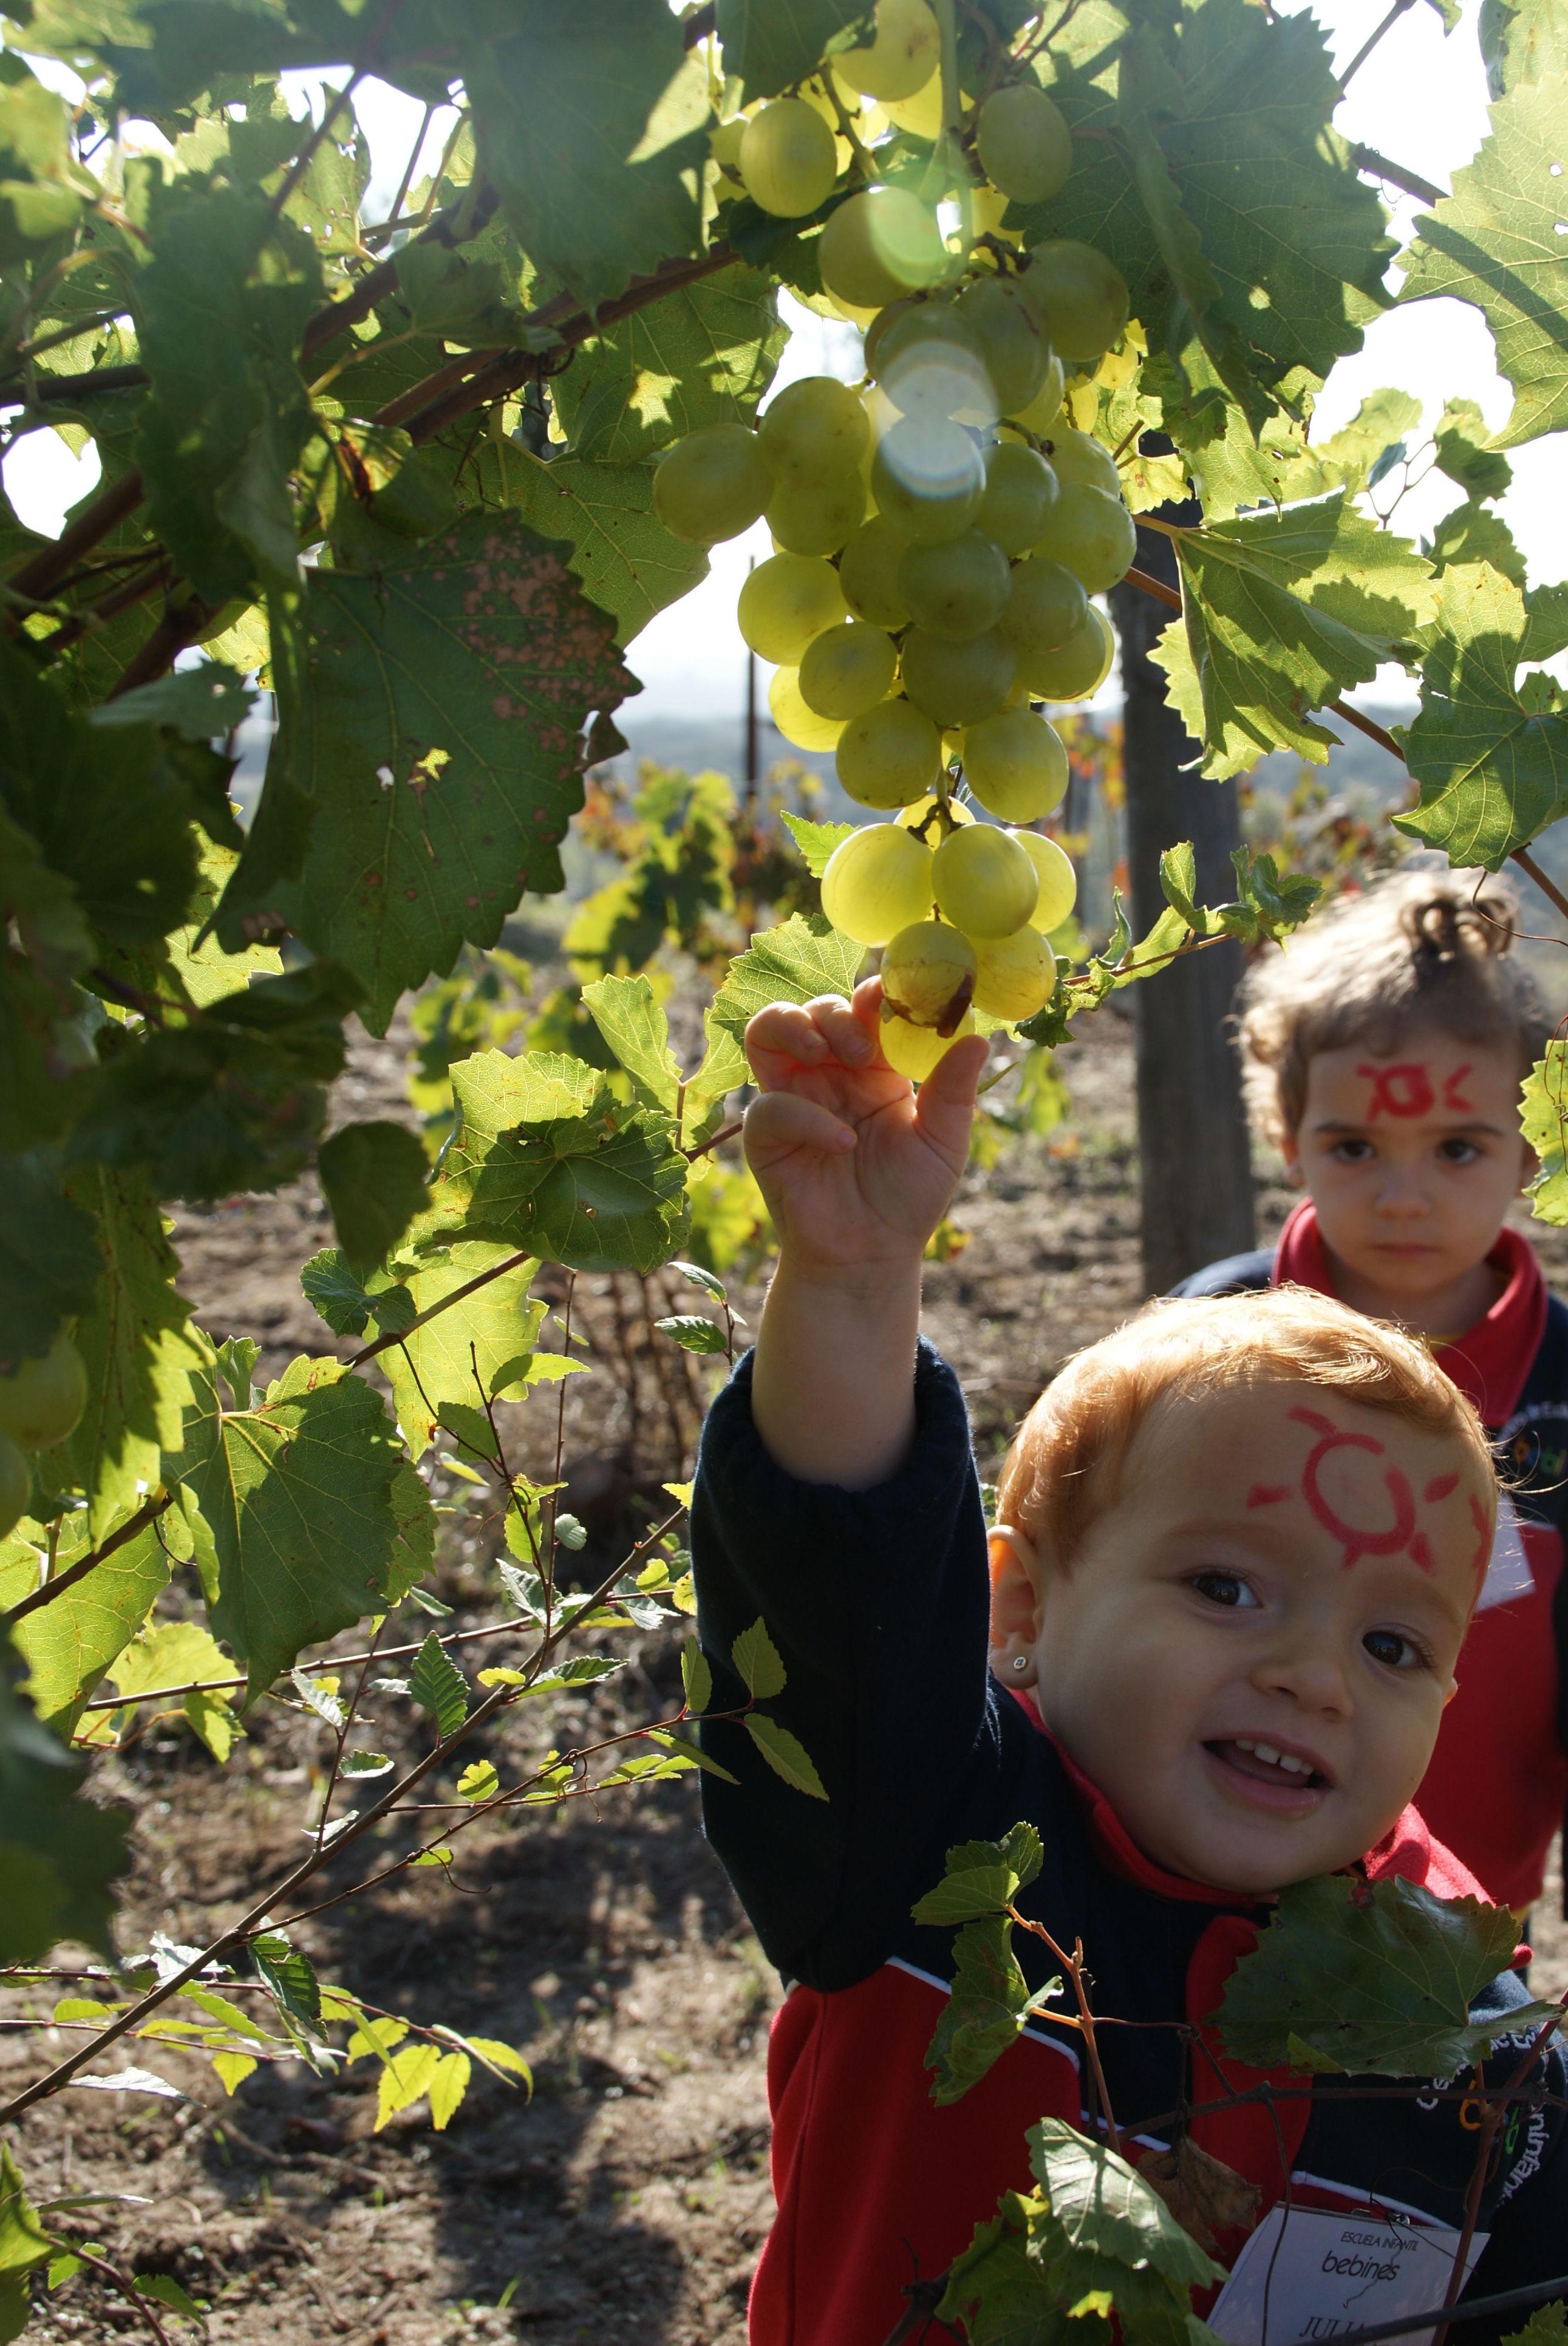 Foto 13 de Escuela infantil para niños de 0 a 3 años en Getafe | Escuela Infantil Bebines